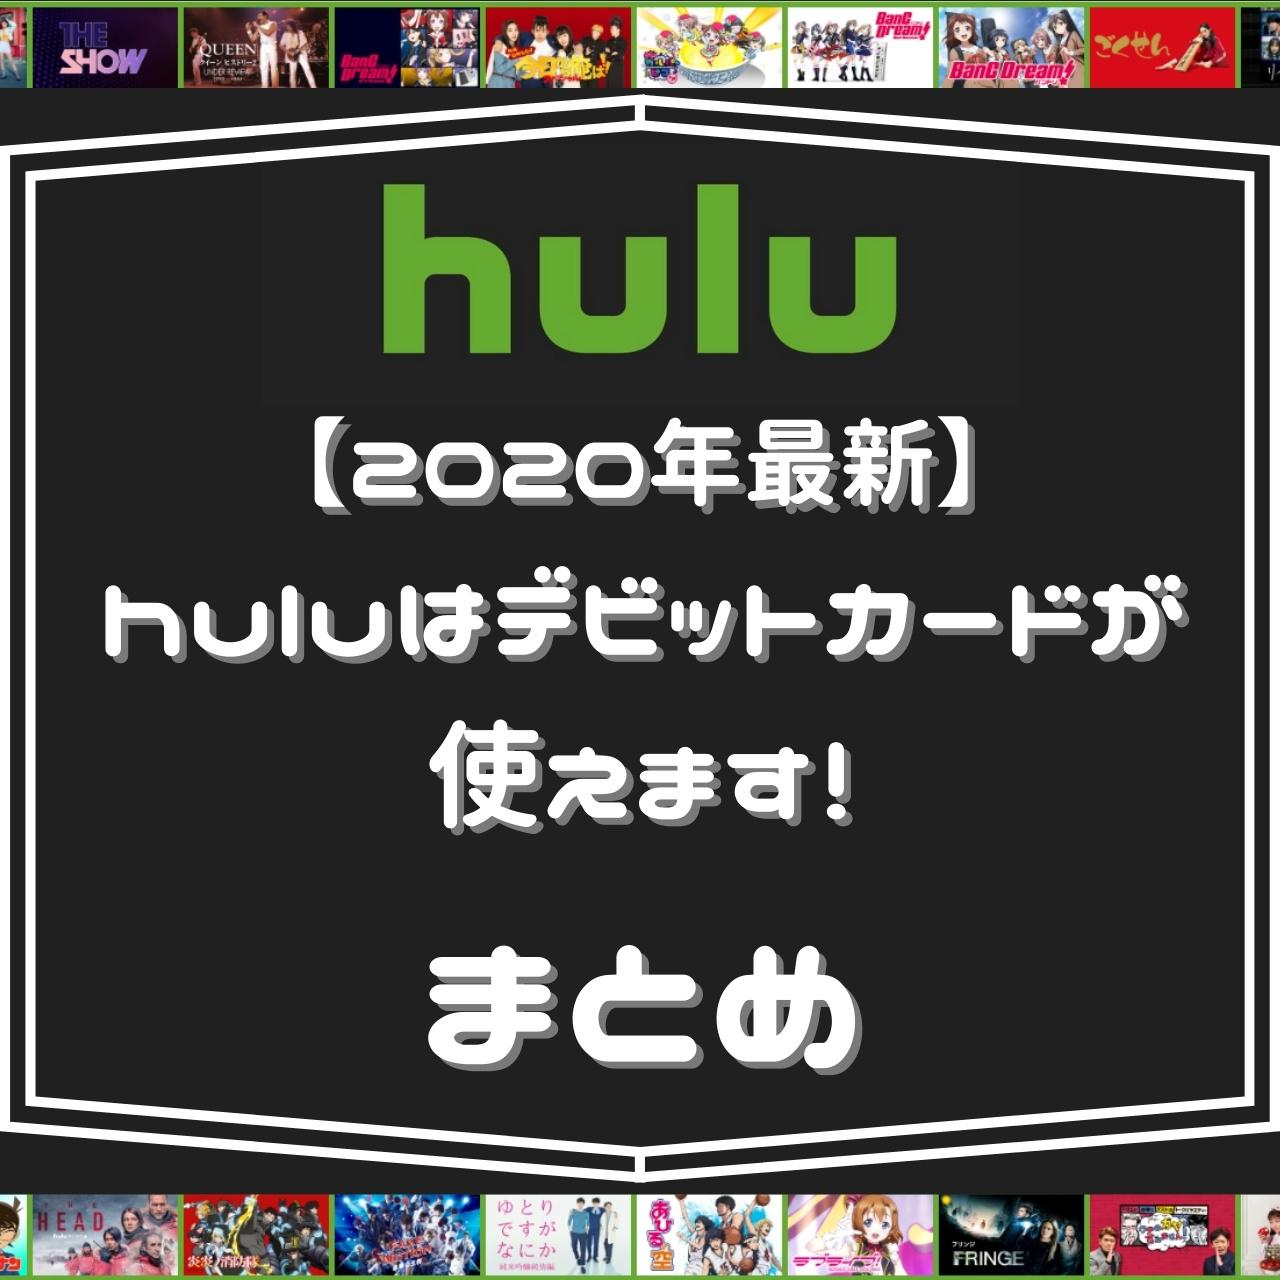 huluはデビットカードが使えます!使い方・メリットを徹底解説|まとめ